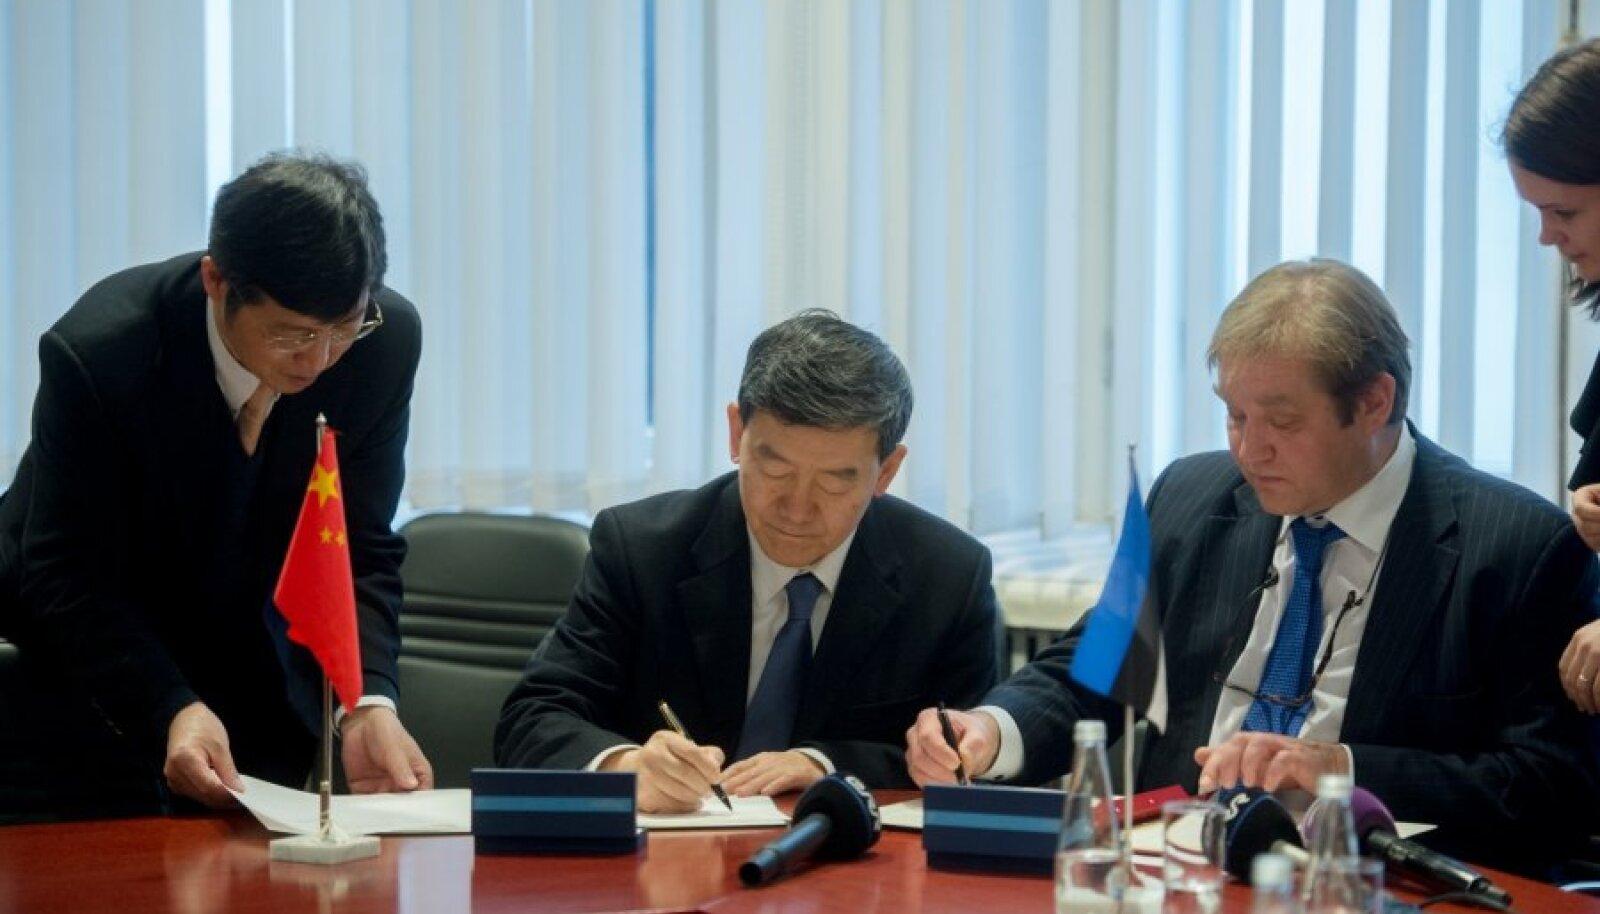 Hiina asepõllumajandusminister Niu Dun  kohtub Ivari Padariga